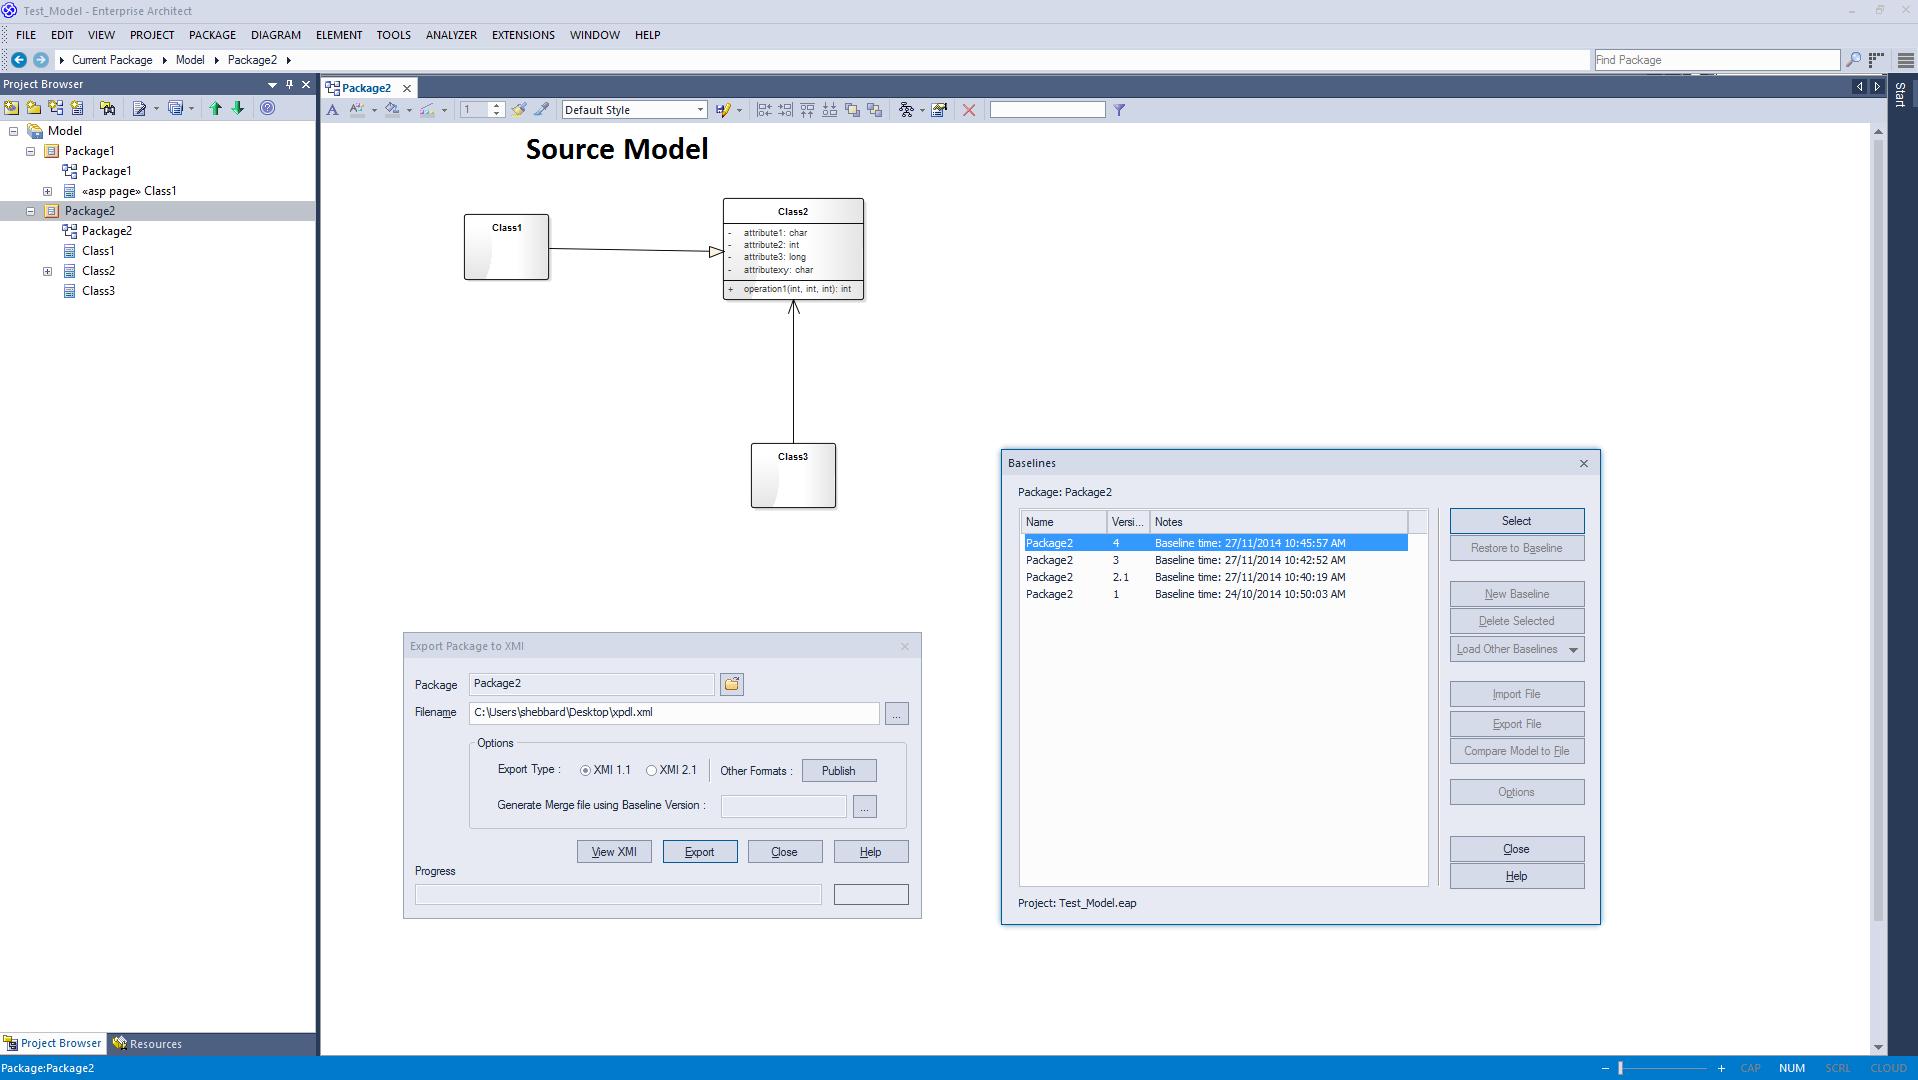 importer et exporter une base de données pdf